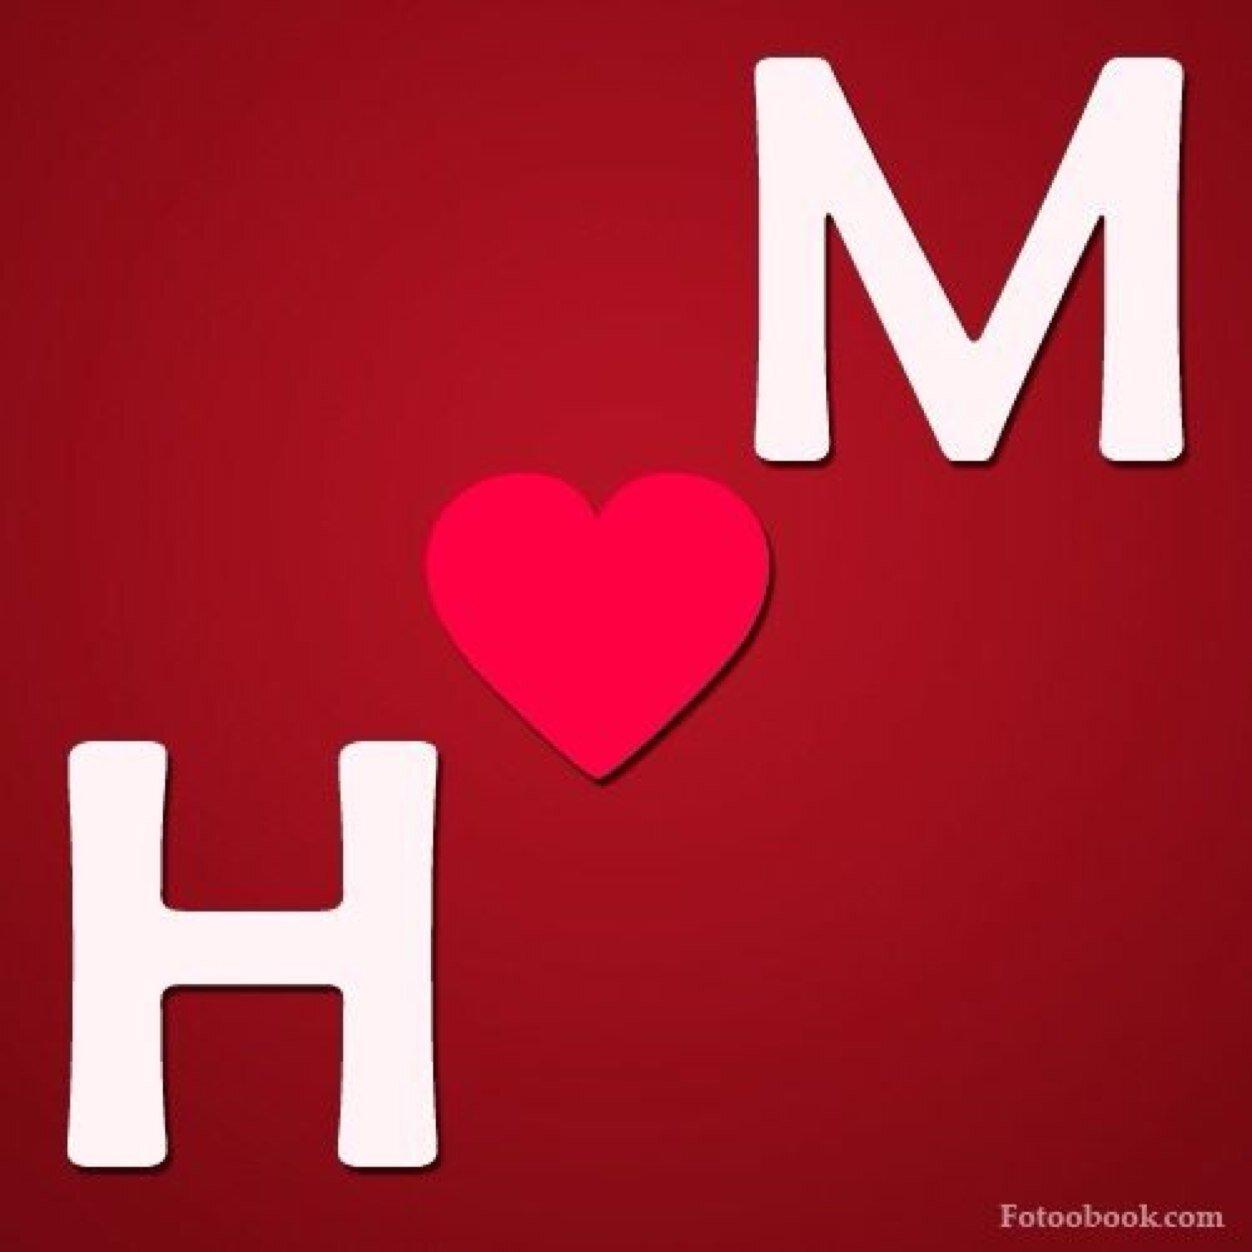 بالصور حرف H مع حرف M احلى خلفيات مصورة لحرف H مع حرف M اجمل بطاقات لحرف الاتش وحرف الام صقور الإبدآع